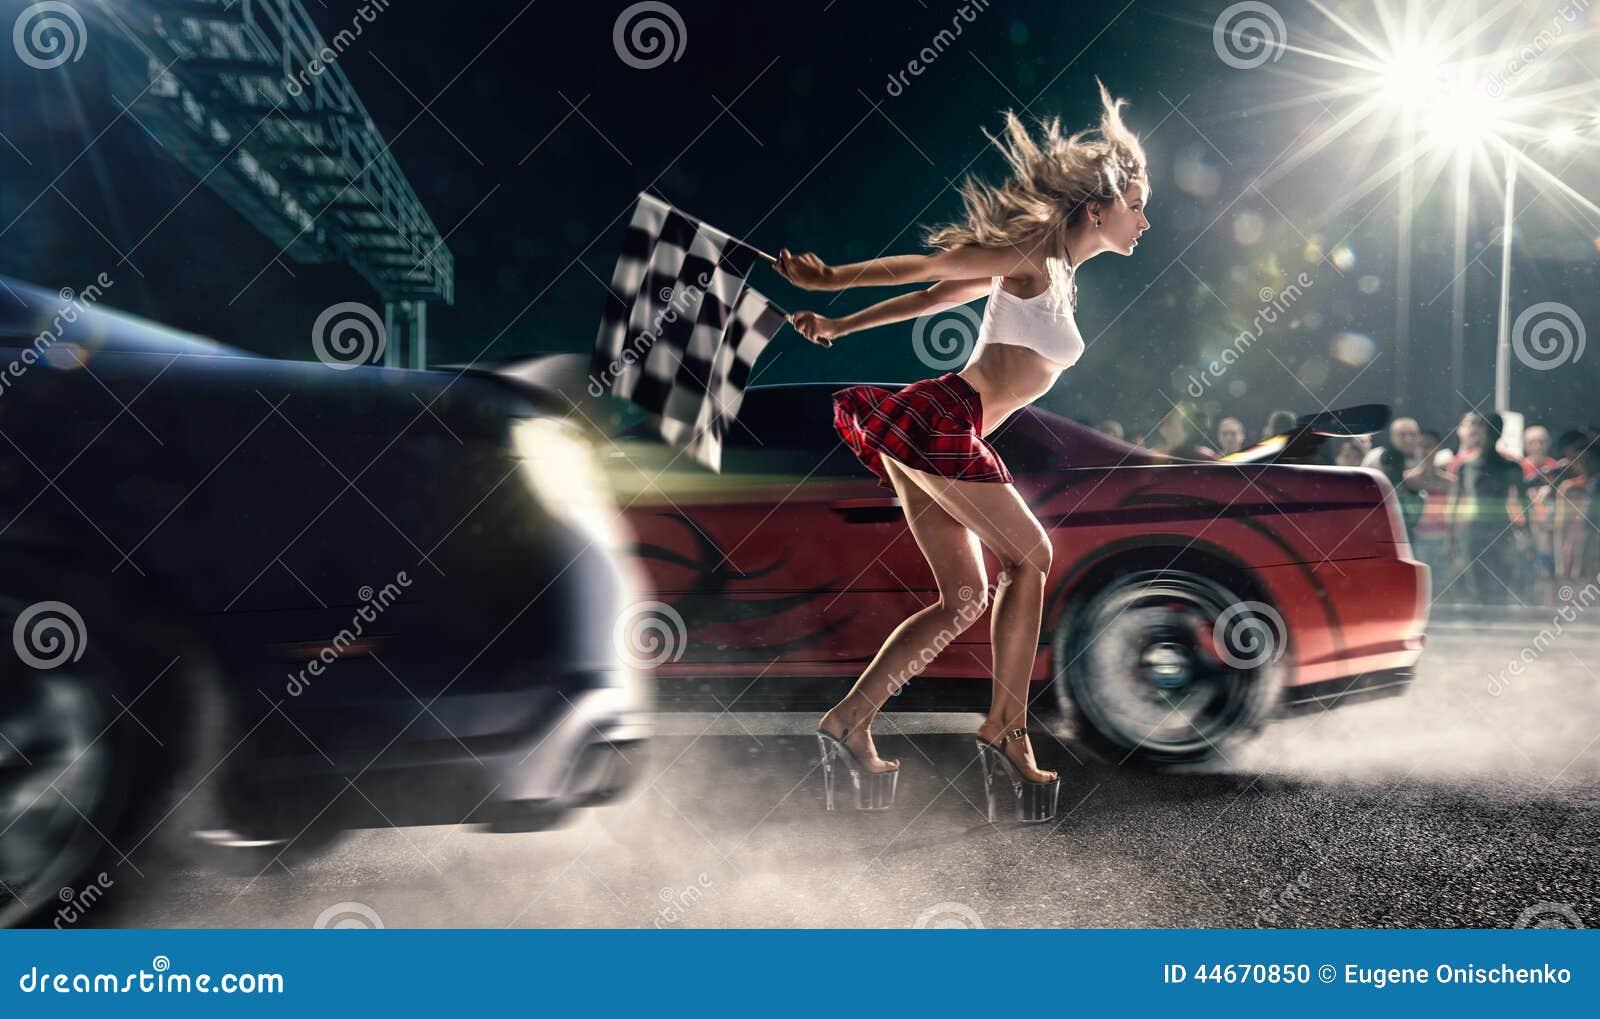 Старт гонок улицы